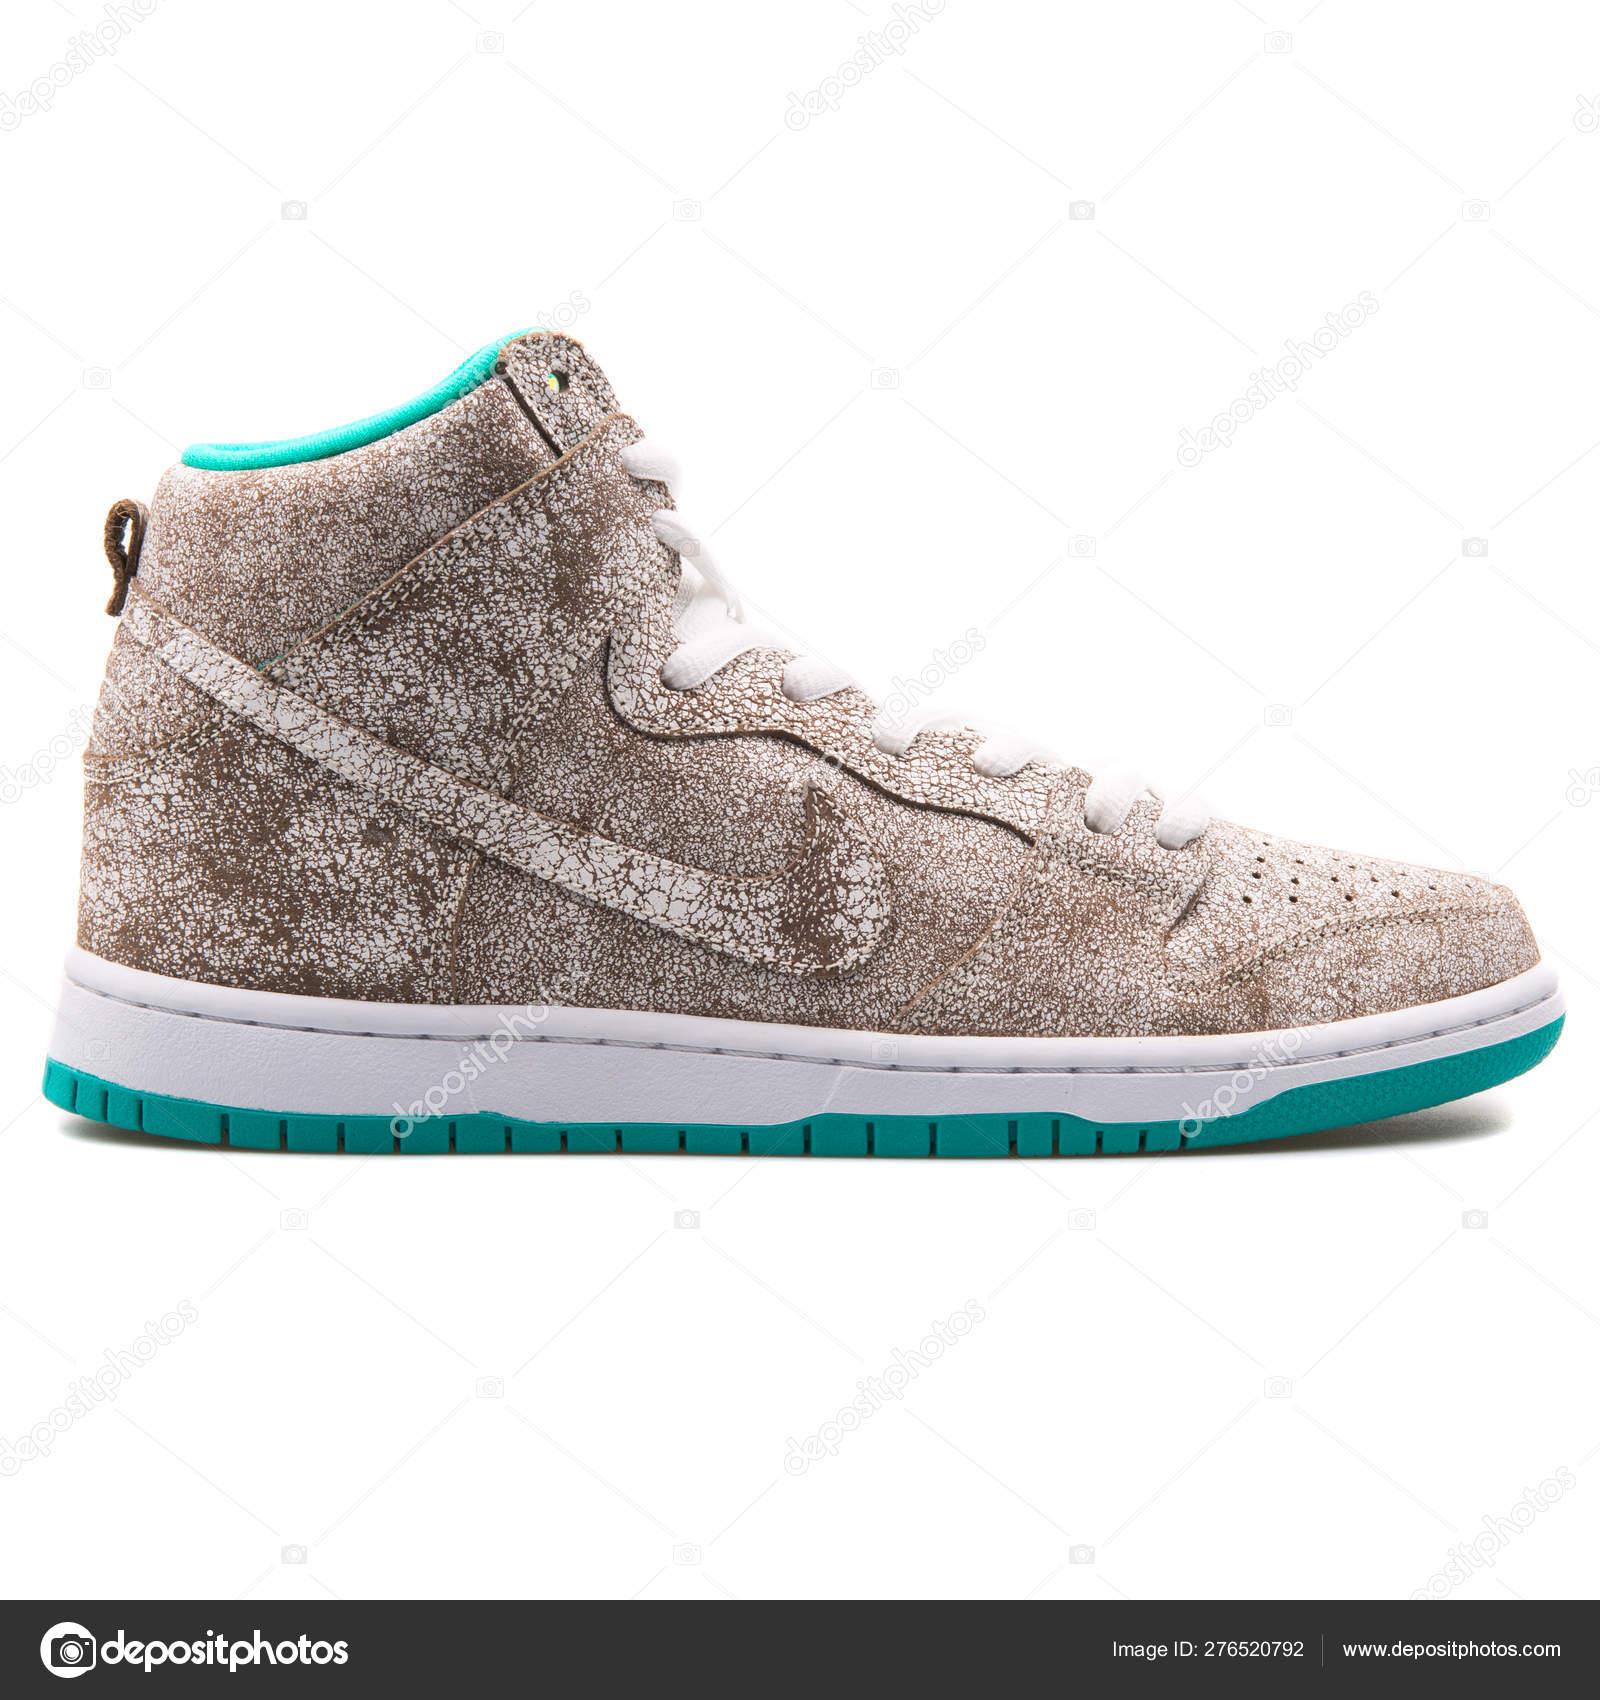 wykwintny styl sklep internetowy strona internetowa ze zniżką Nike Dunk High Premium SB white, brown and green sneaker ...